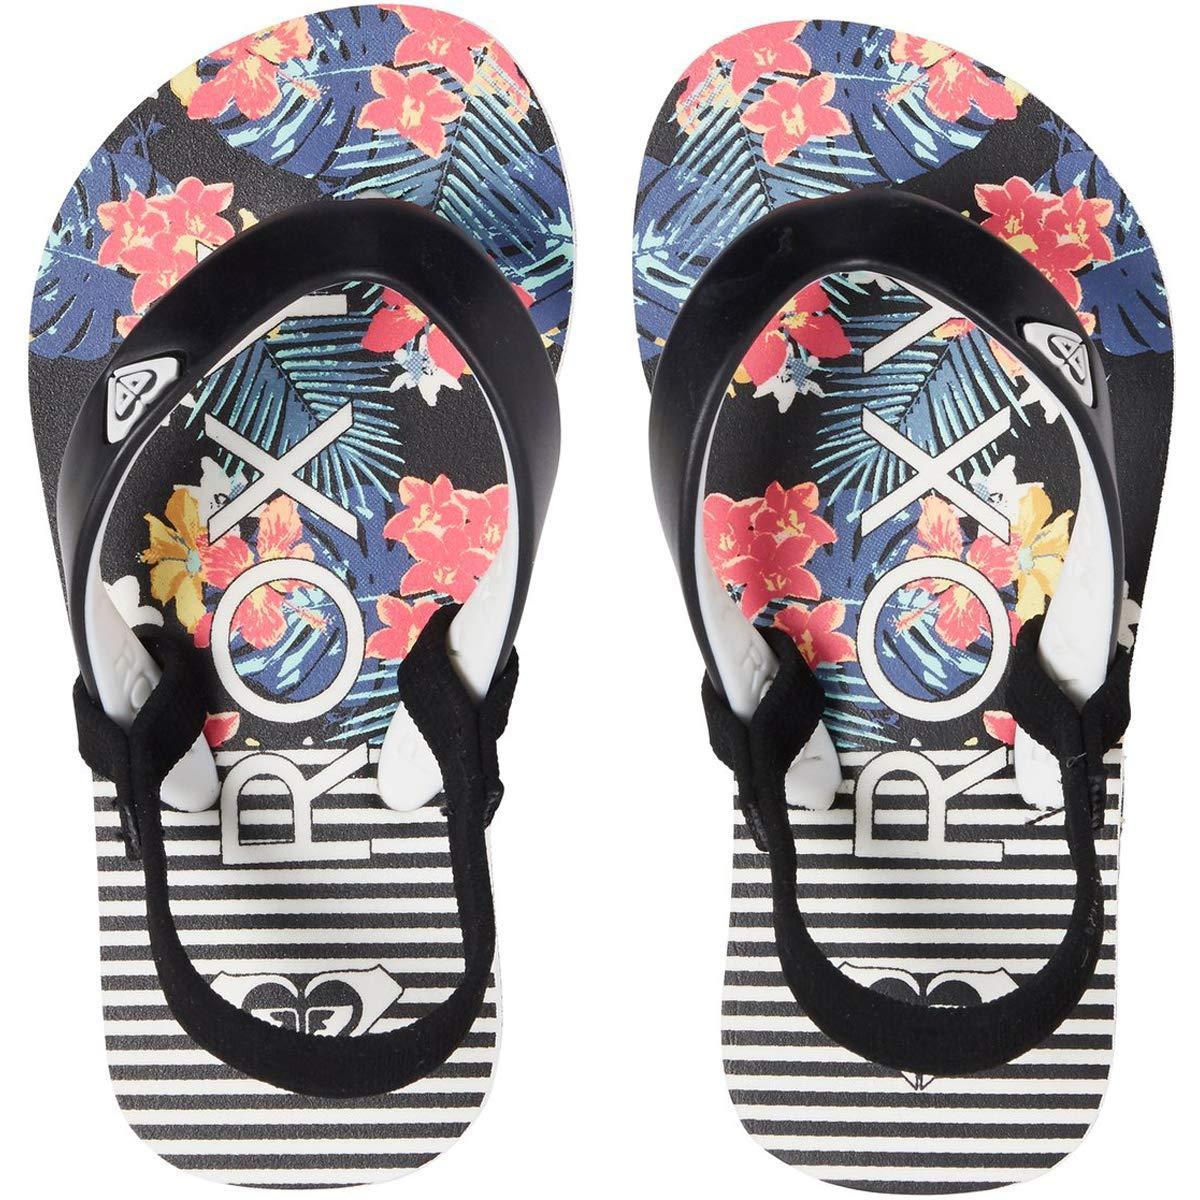 364a58c24 Galleon - Roxy Girls  TW Tahiti Flip Flop Sandals